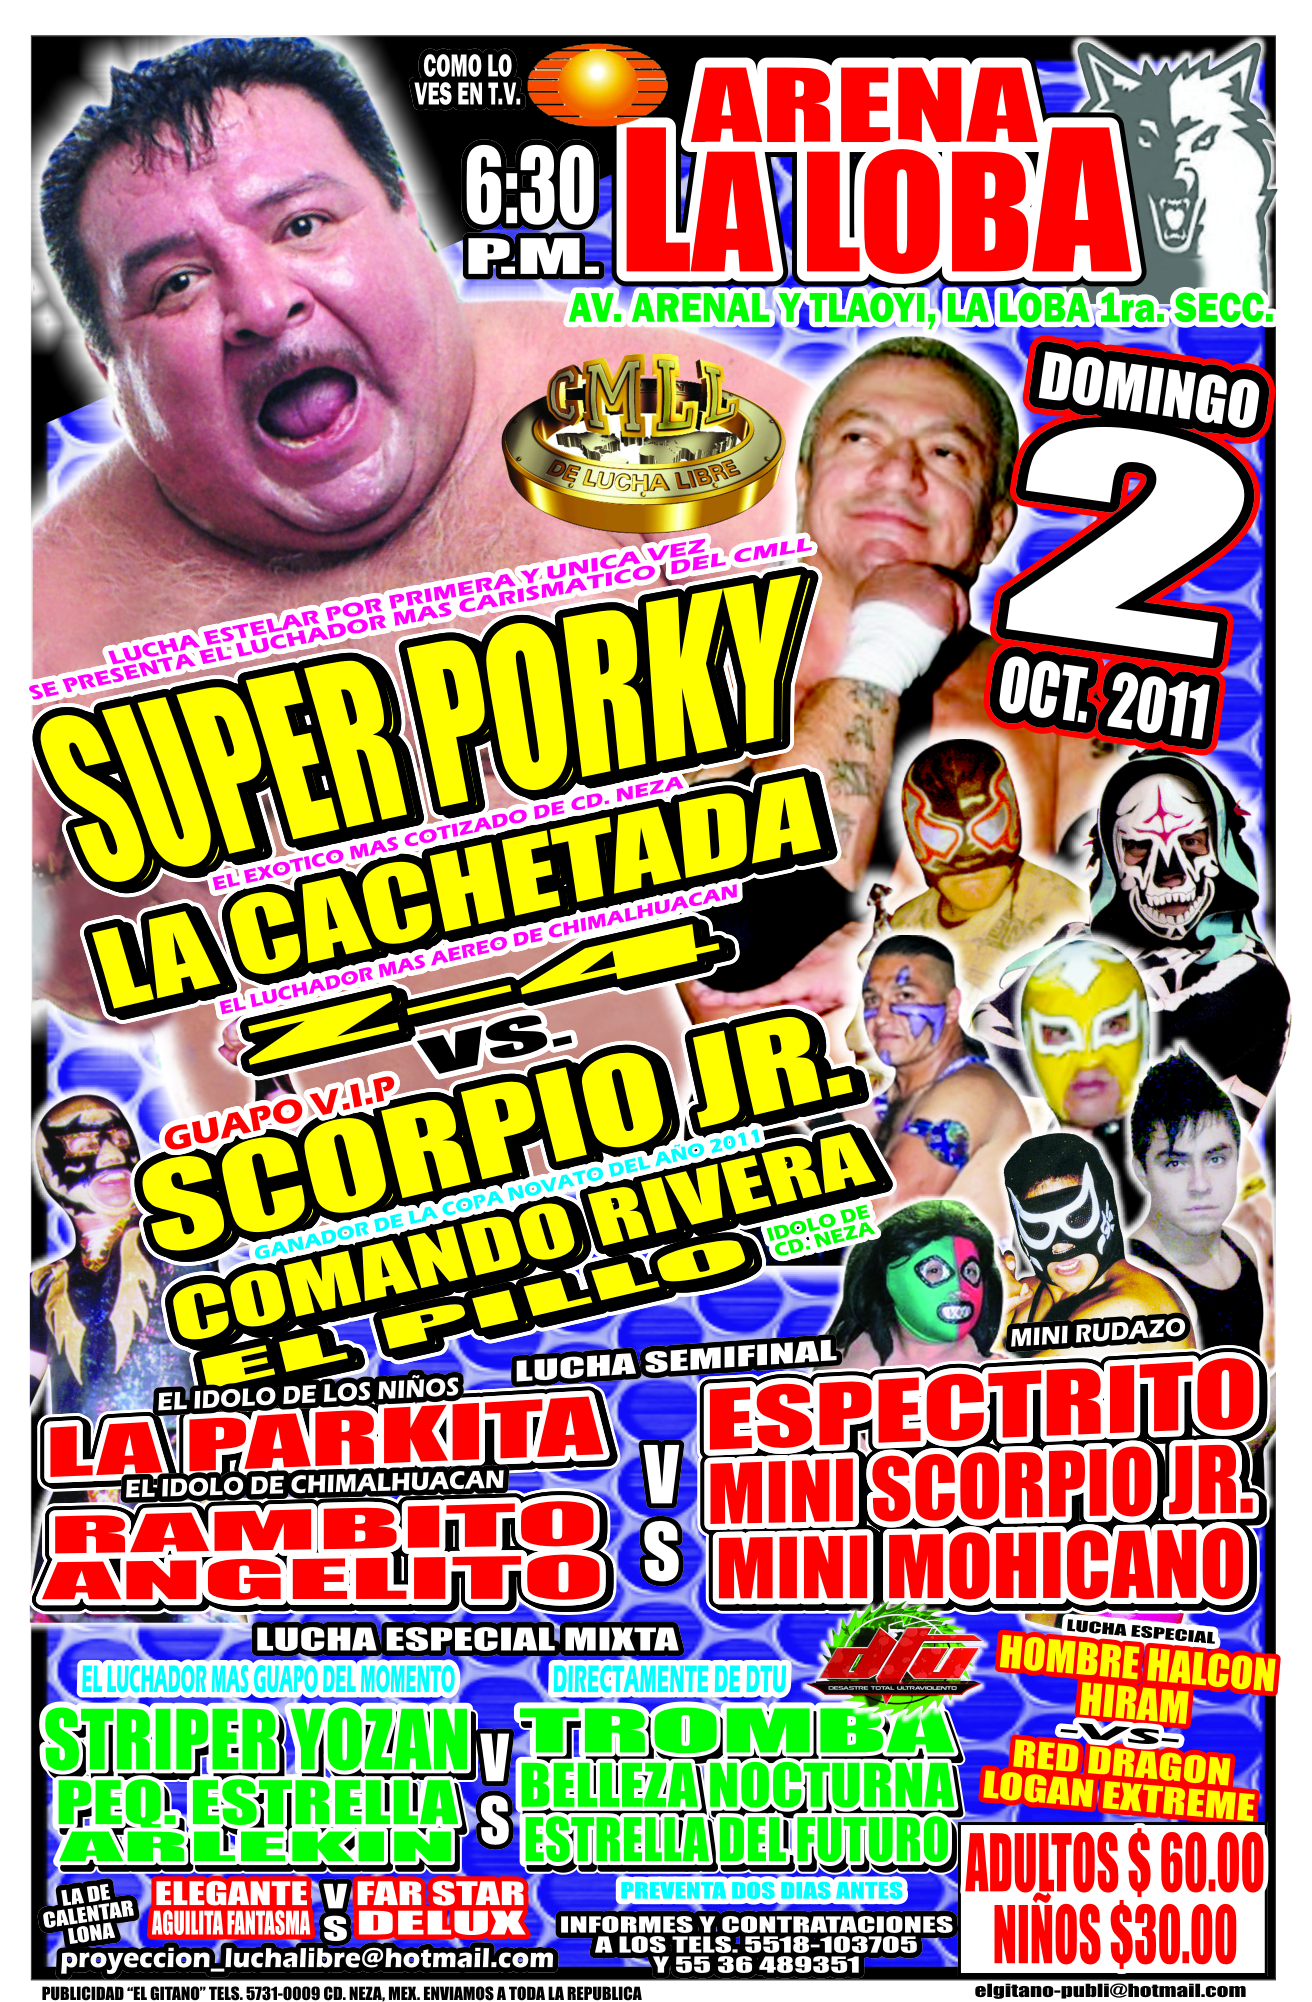 Lucha Libre en la Arena Loba el próximo domingo 2 de Octubre 5